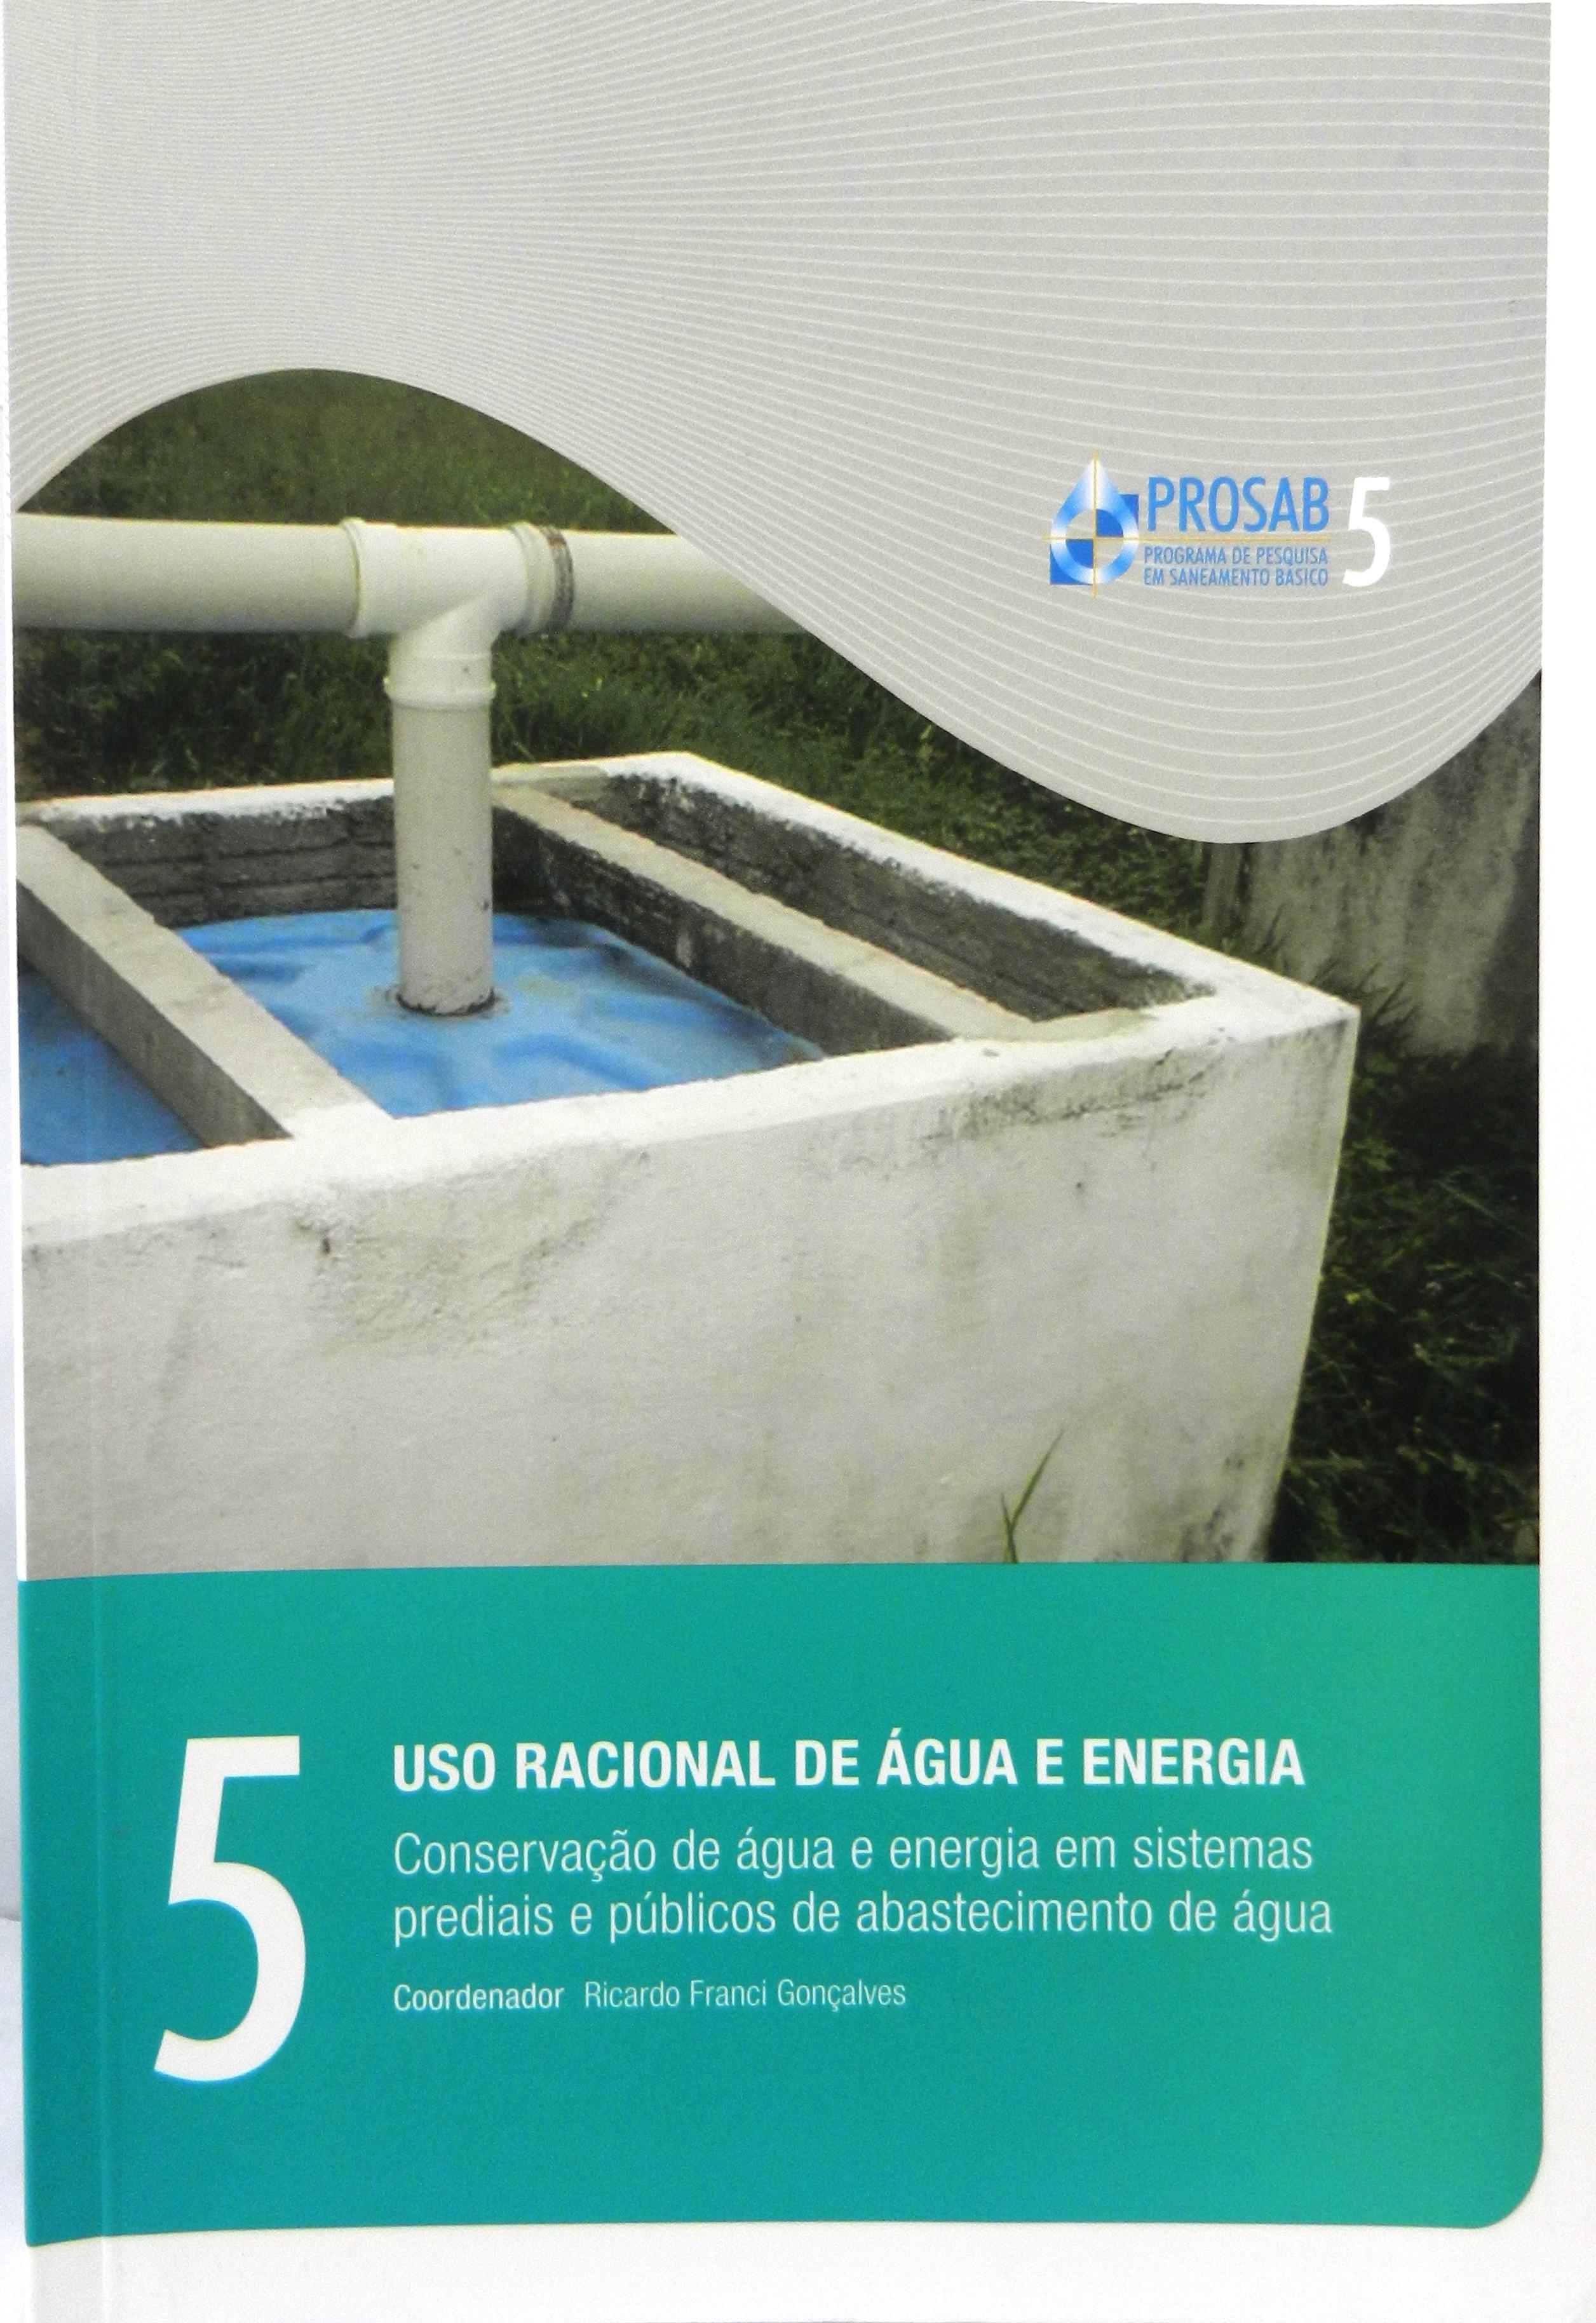 Conserv. Água e Energia Sist. Prediais e Públicos Abast. Água